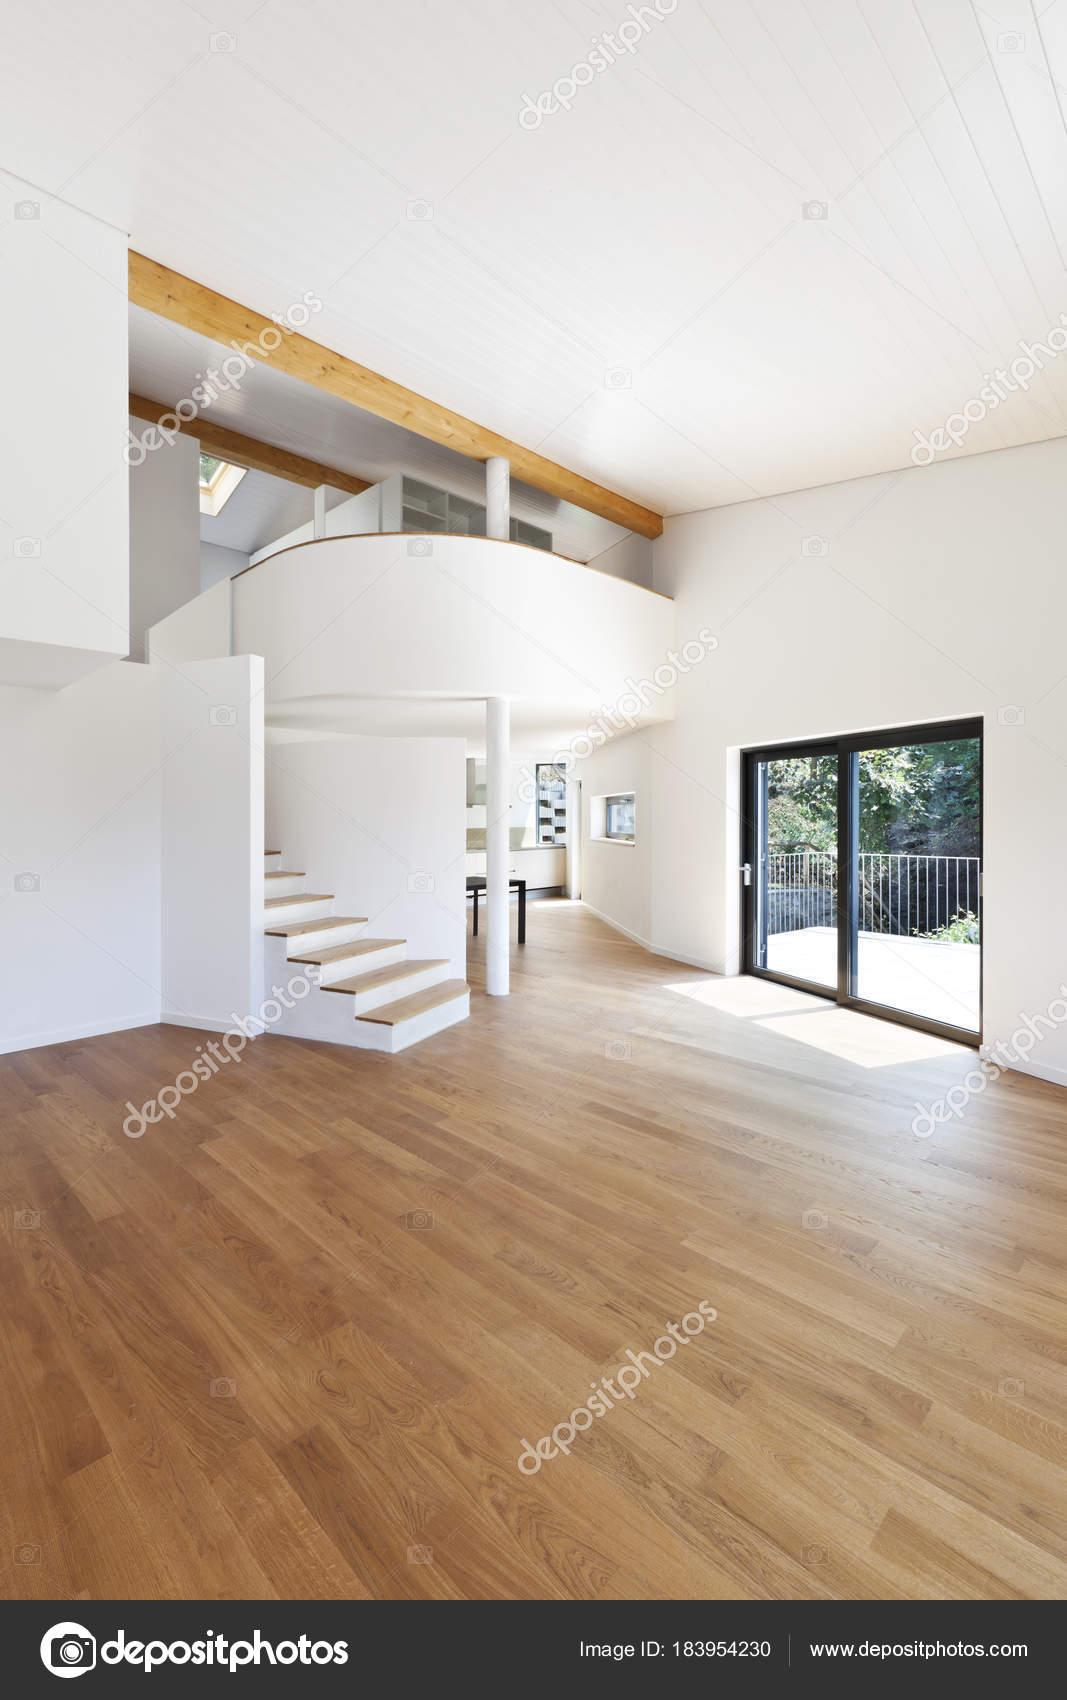 innen modernes Haus, Freifläche — Stockfoto © Zveiger #183954230